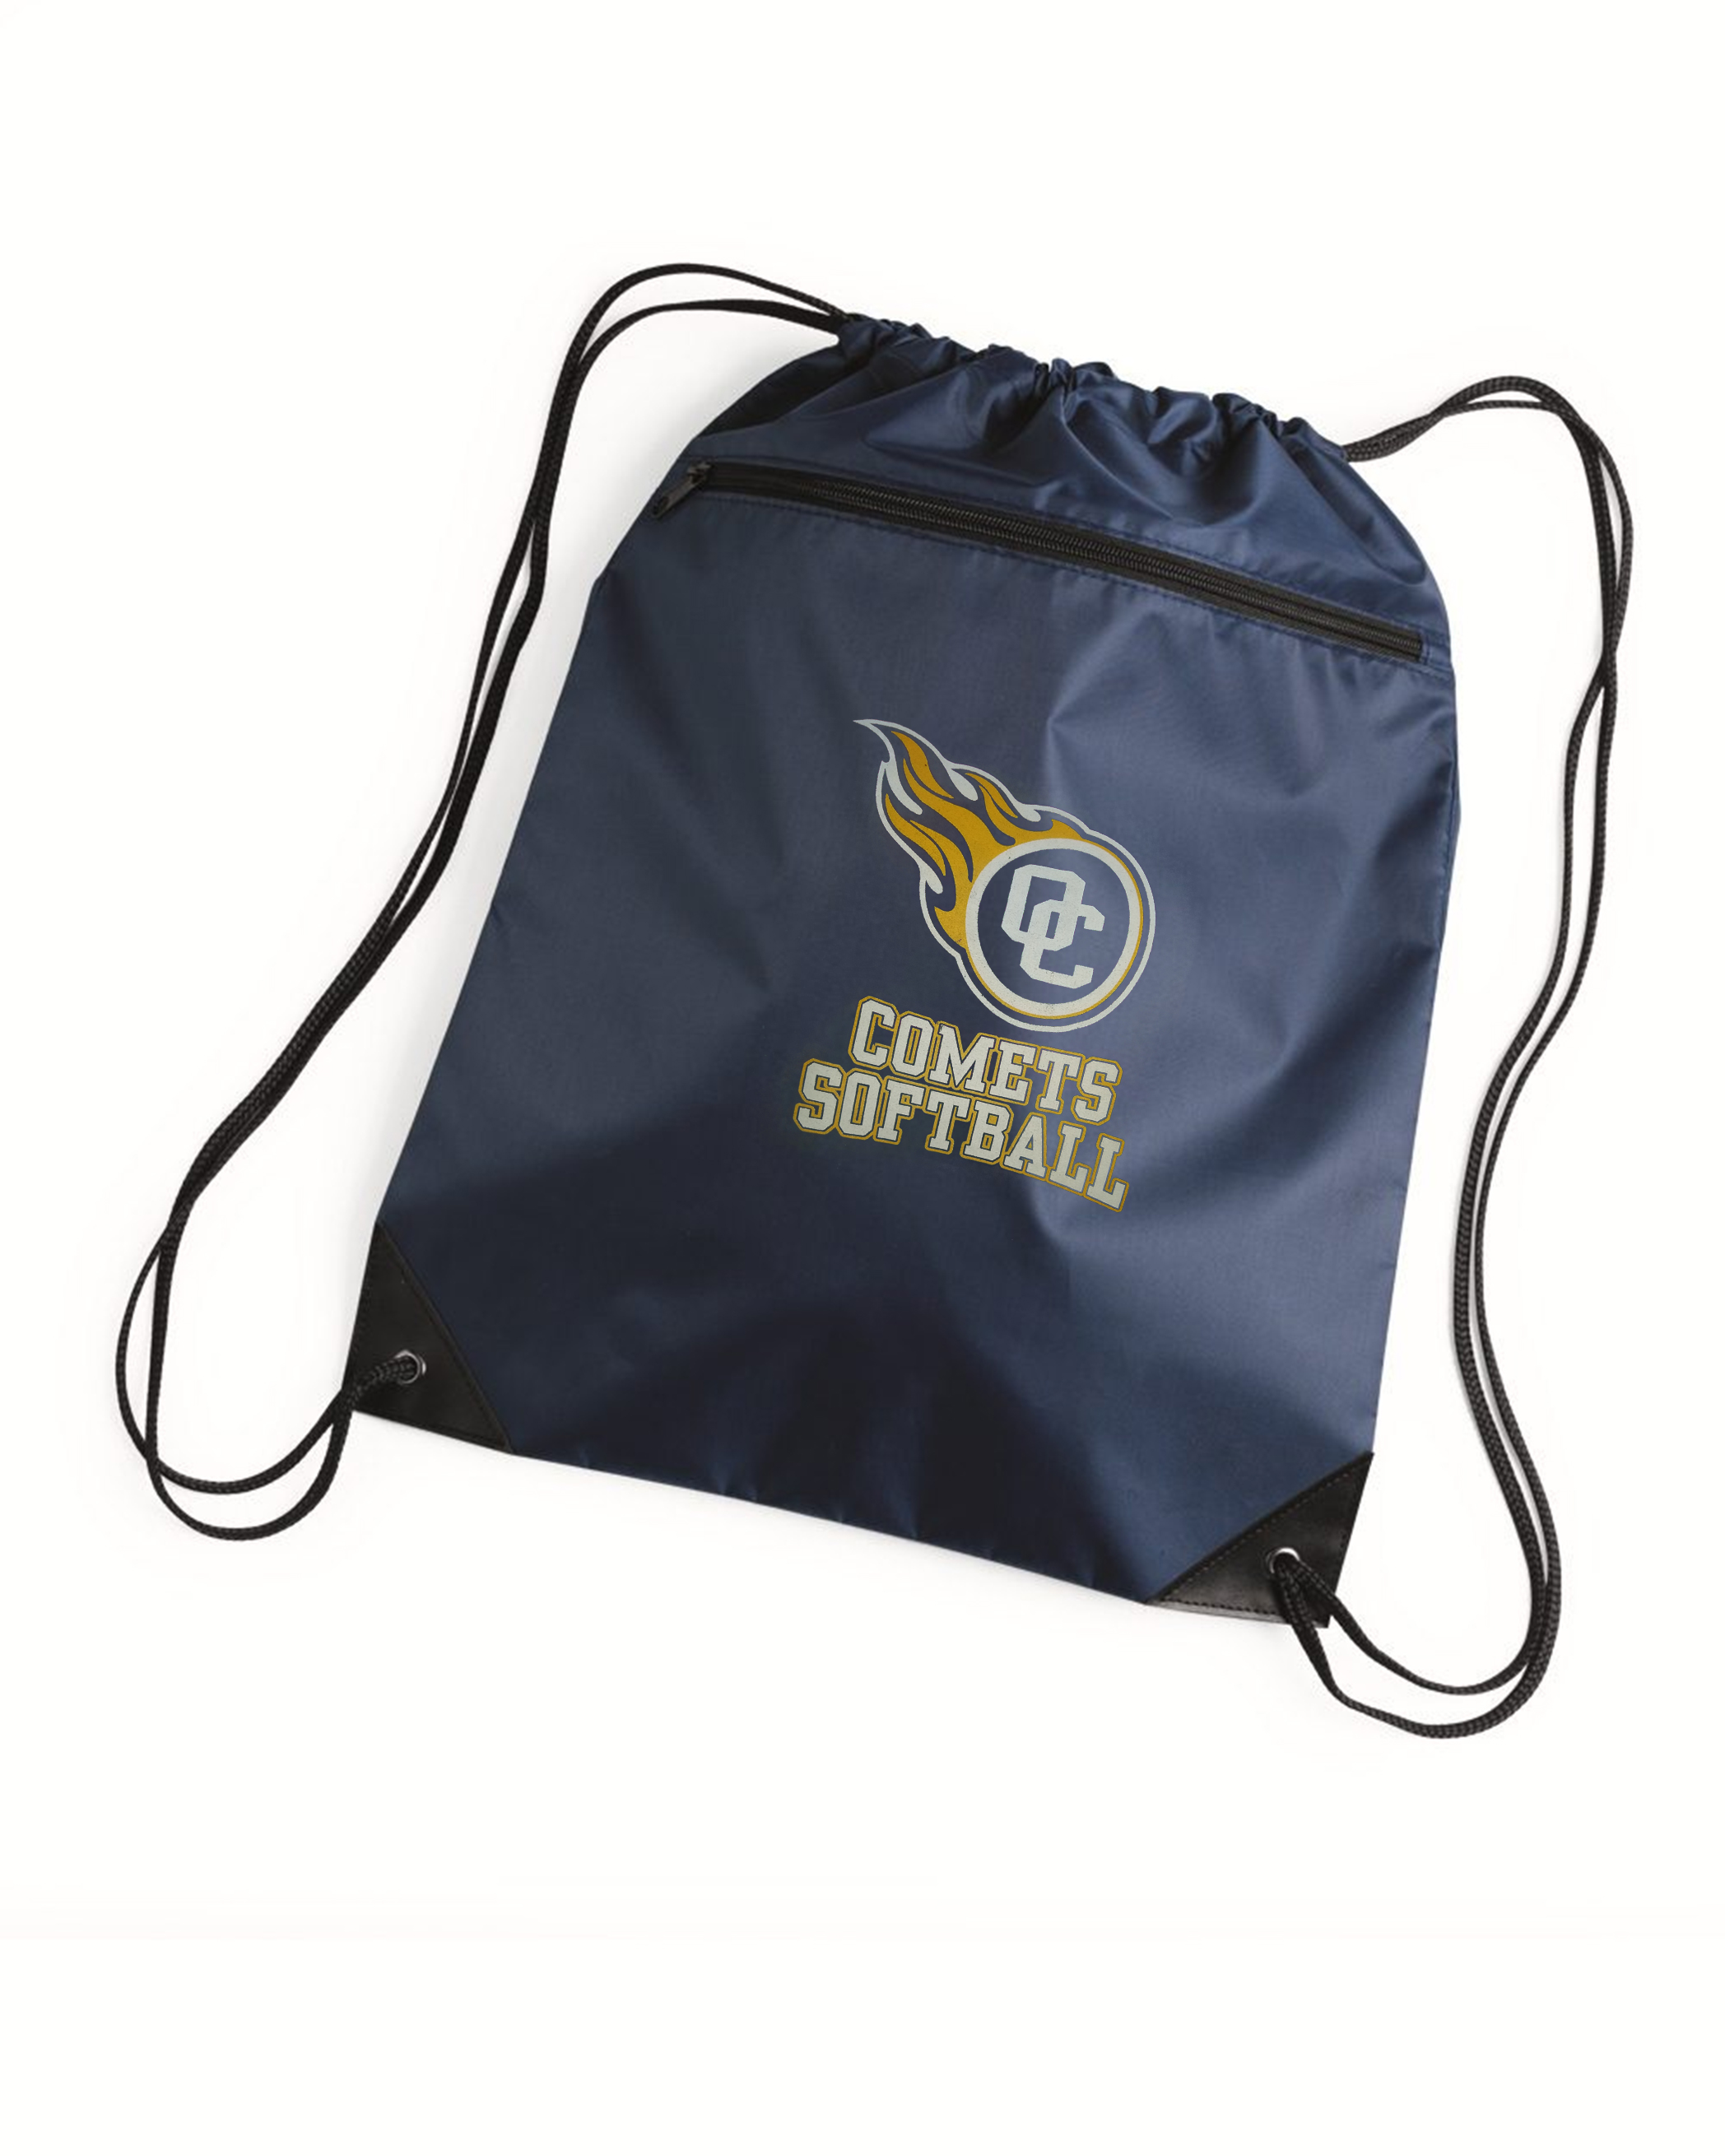 custom design of Liberty Bags 8888 - Denier Nylon Zippered Drawstring Backpack